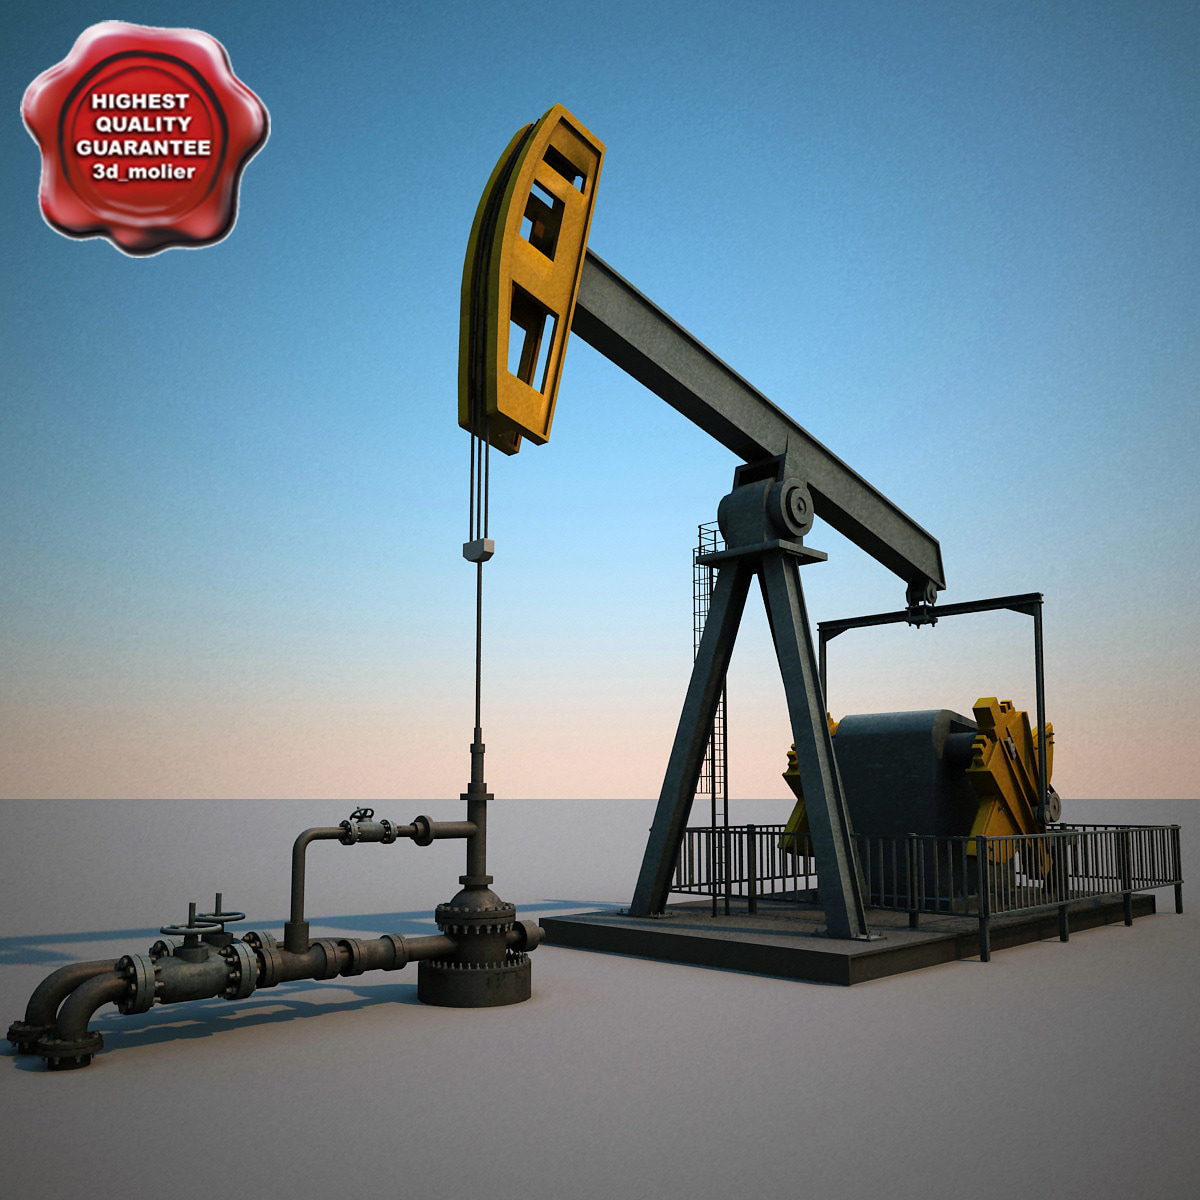 Oil_Pump_Pumpjack_00.jpg